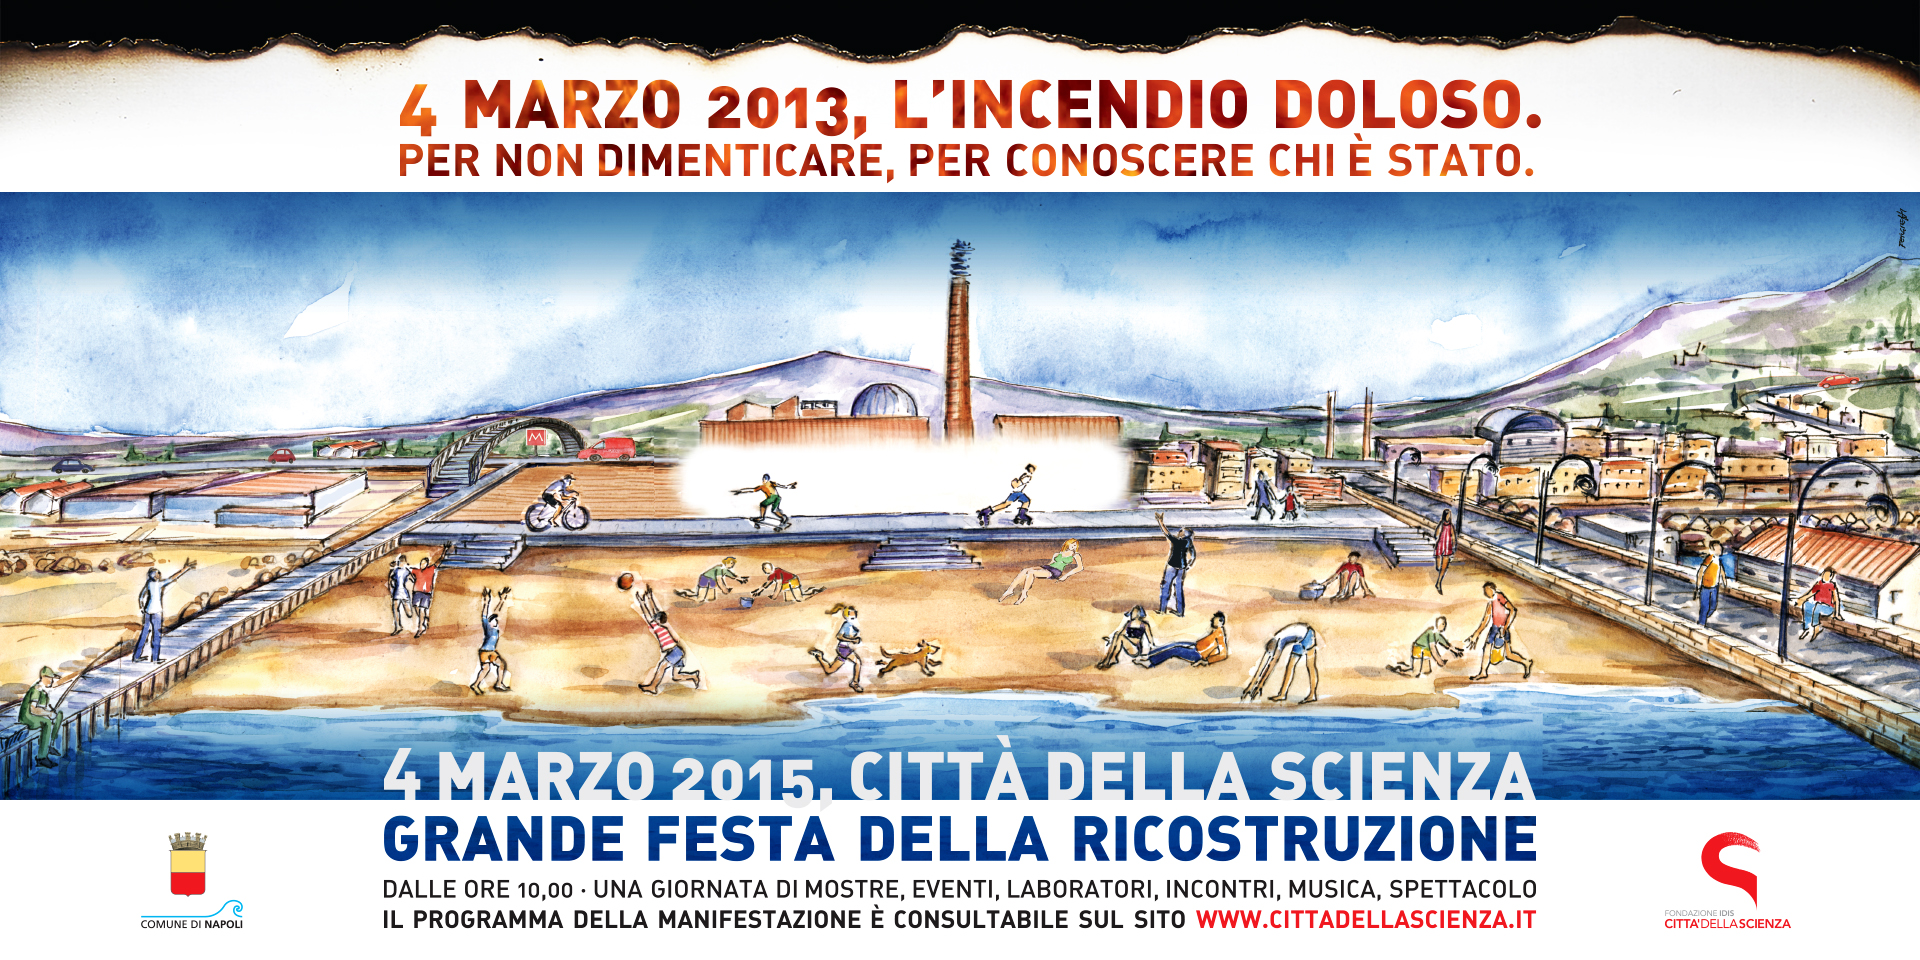 4 marzo, festa della ricostruzione a Città della Scienza